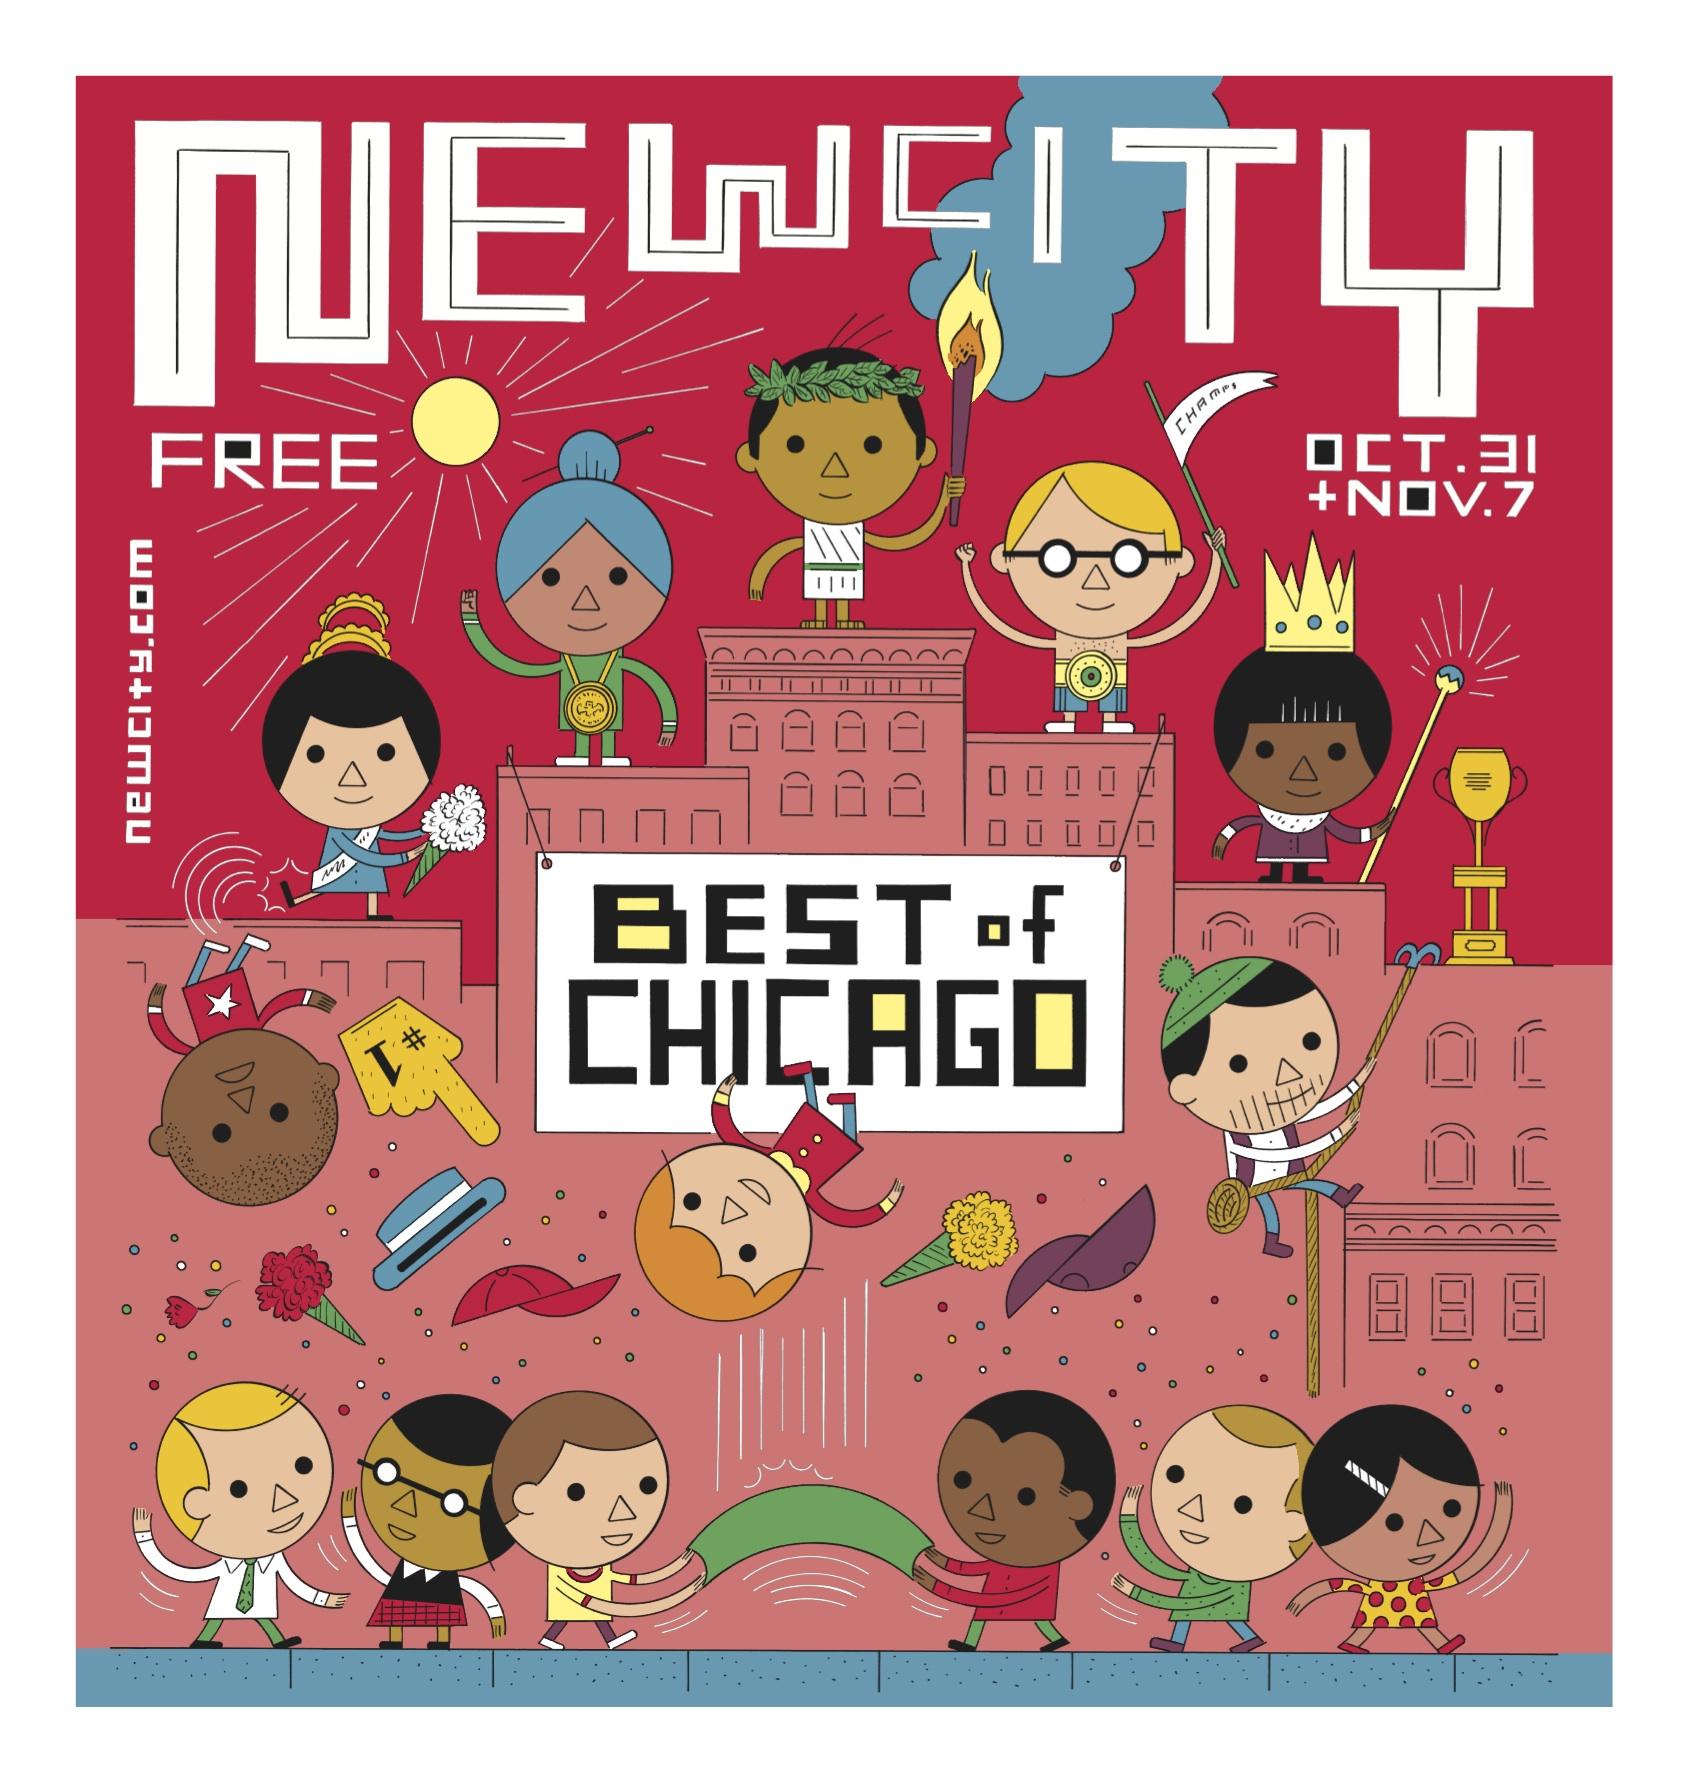 Best of Chicago 2013